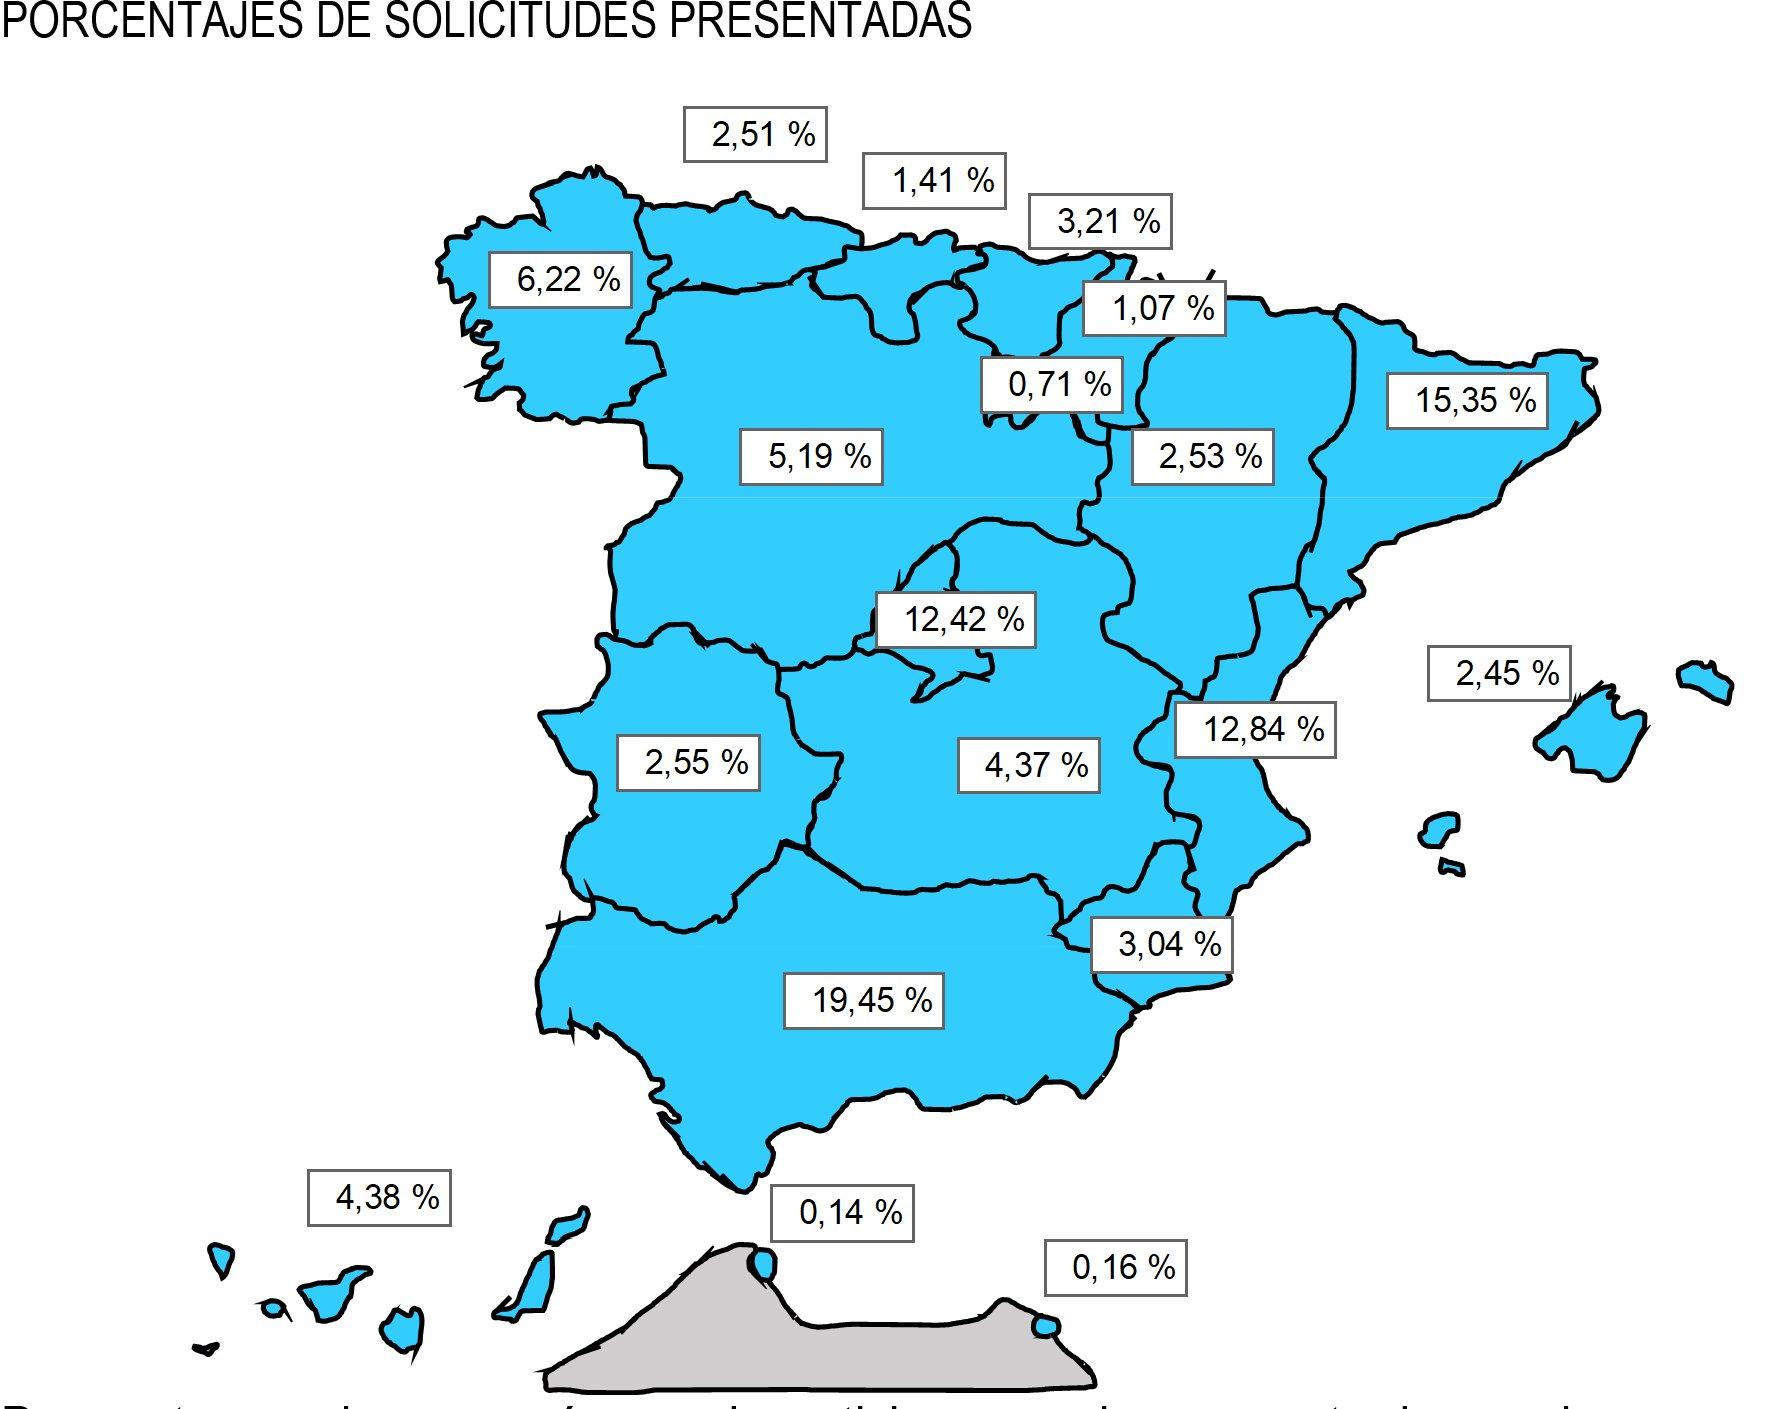 22.470 autónomos reciben hoy en Asturias la prestación extraordinaria por cese de actividad